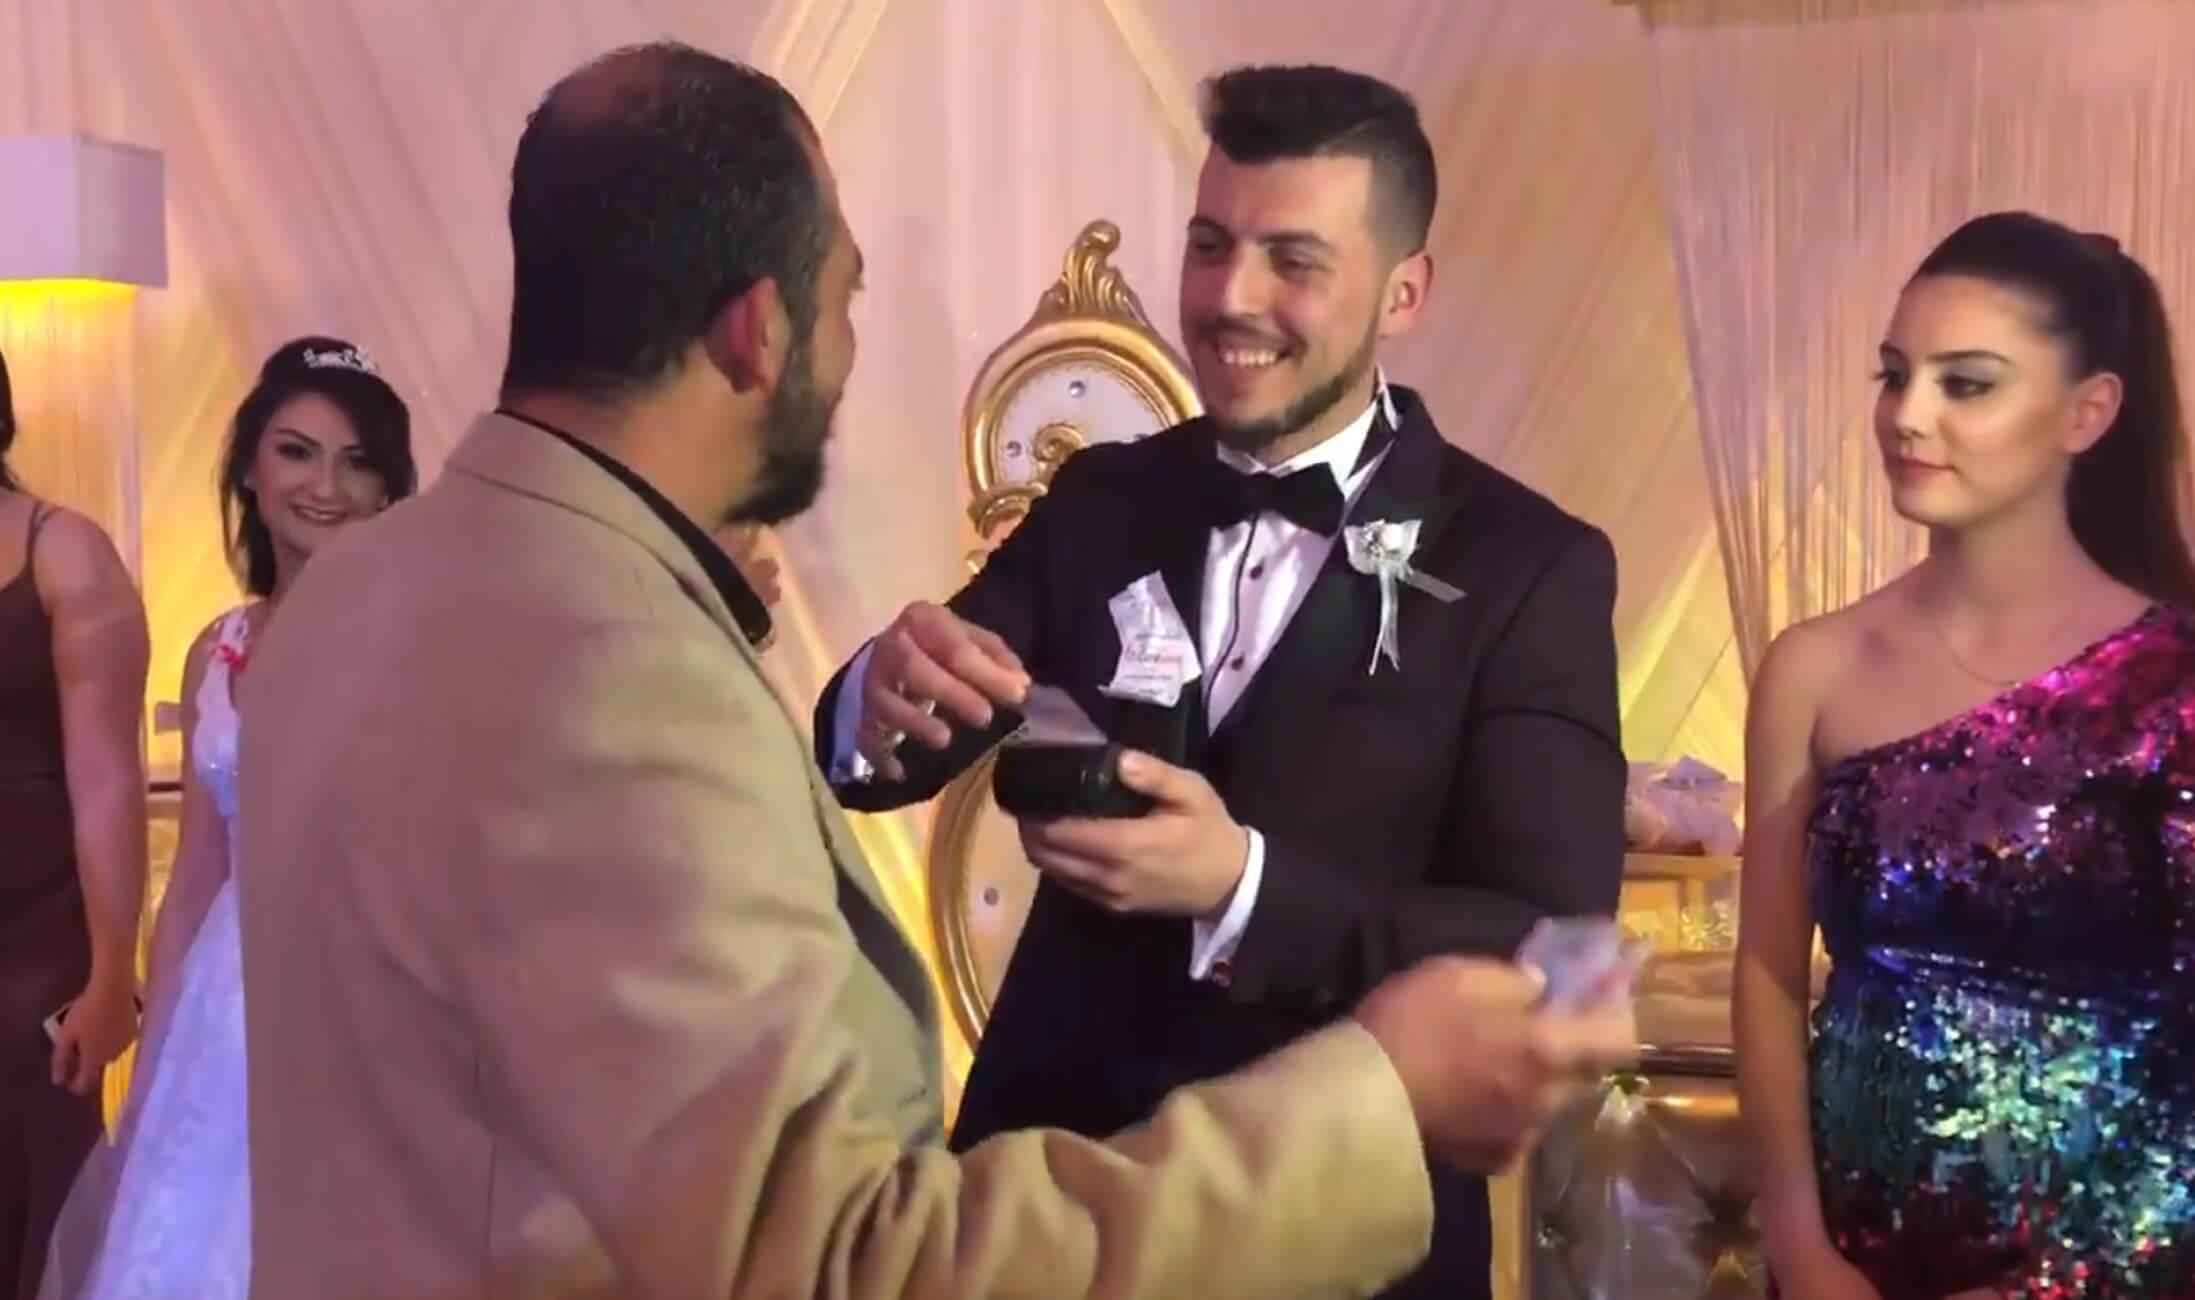 Κύπρος: Νεόνυμφοι δέχονταν δώρο γάμου… σε δόσεις μέσω POS! – video